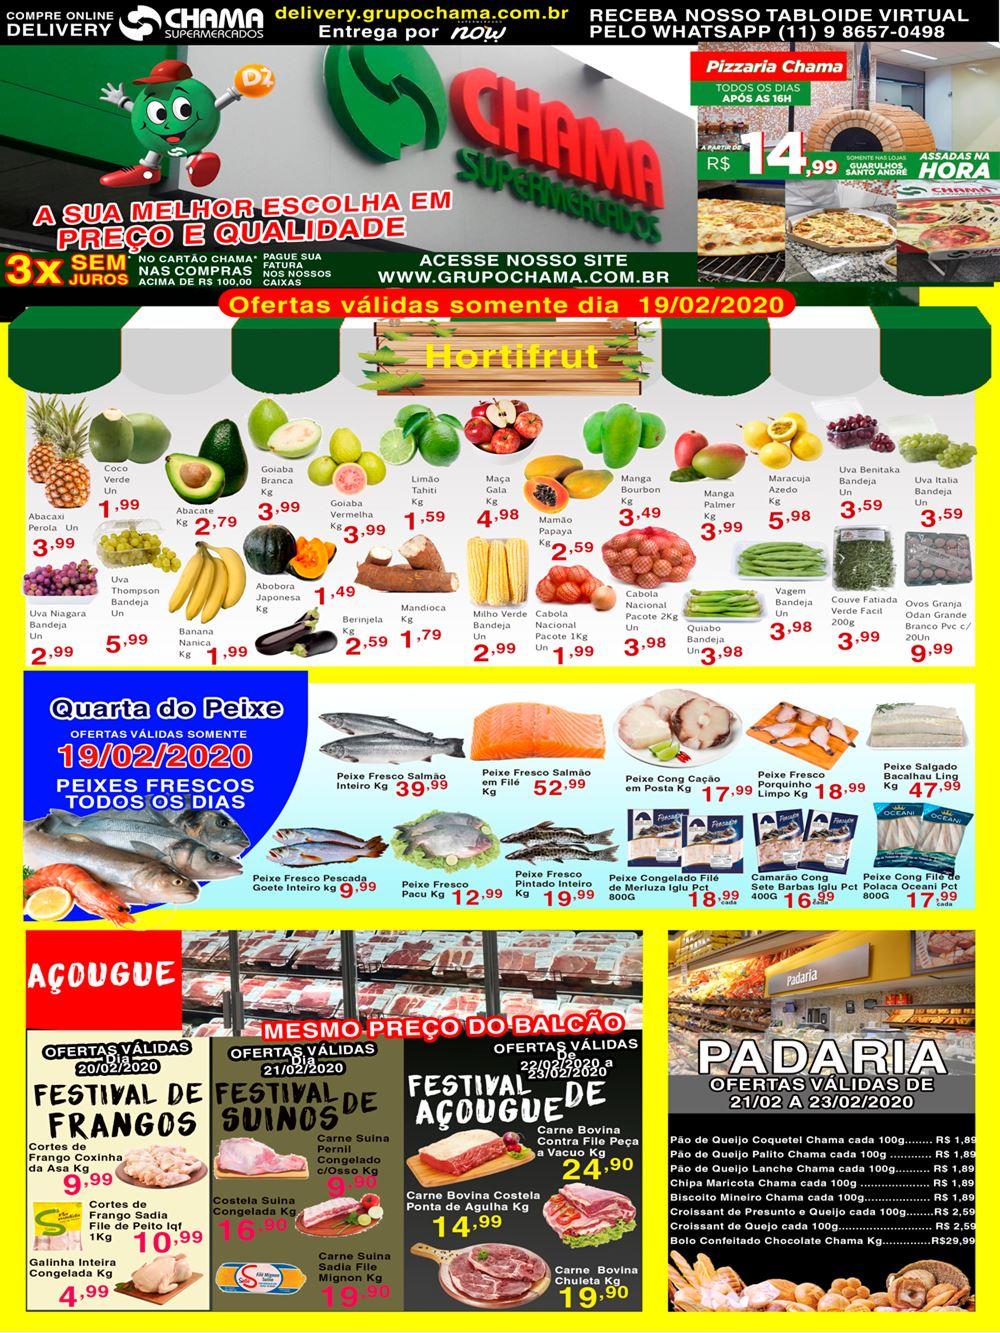 chama-Ofertas-tabloide1-1 Ofertas de supermercados - Hoje